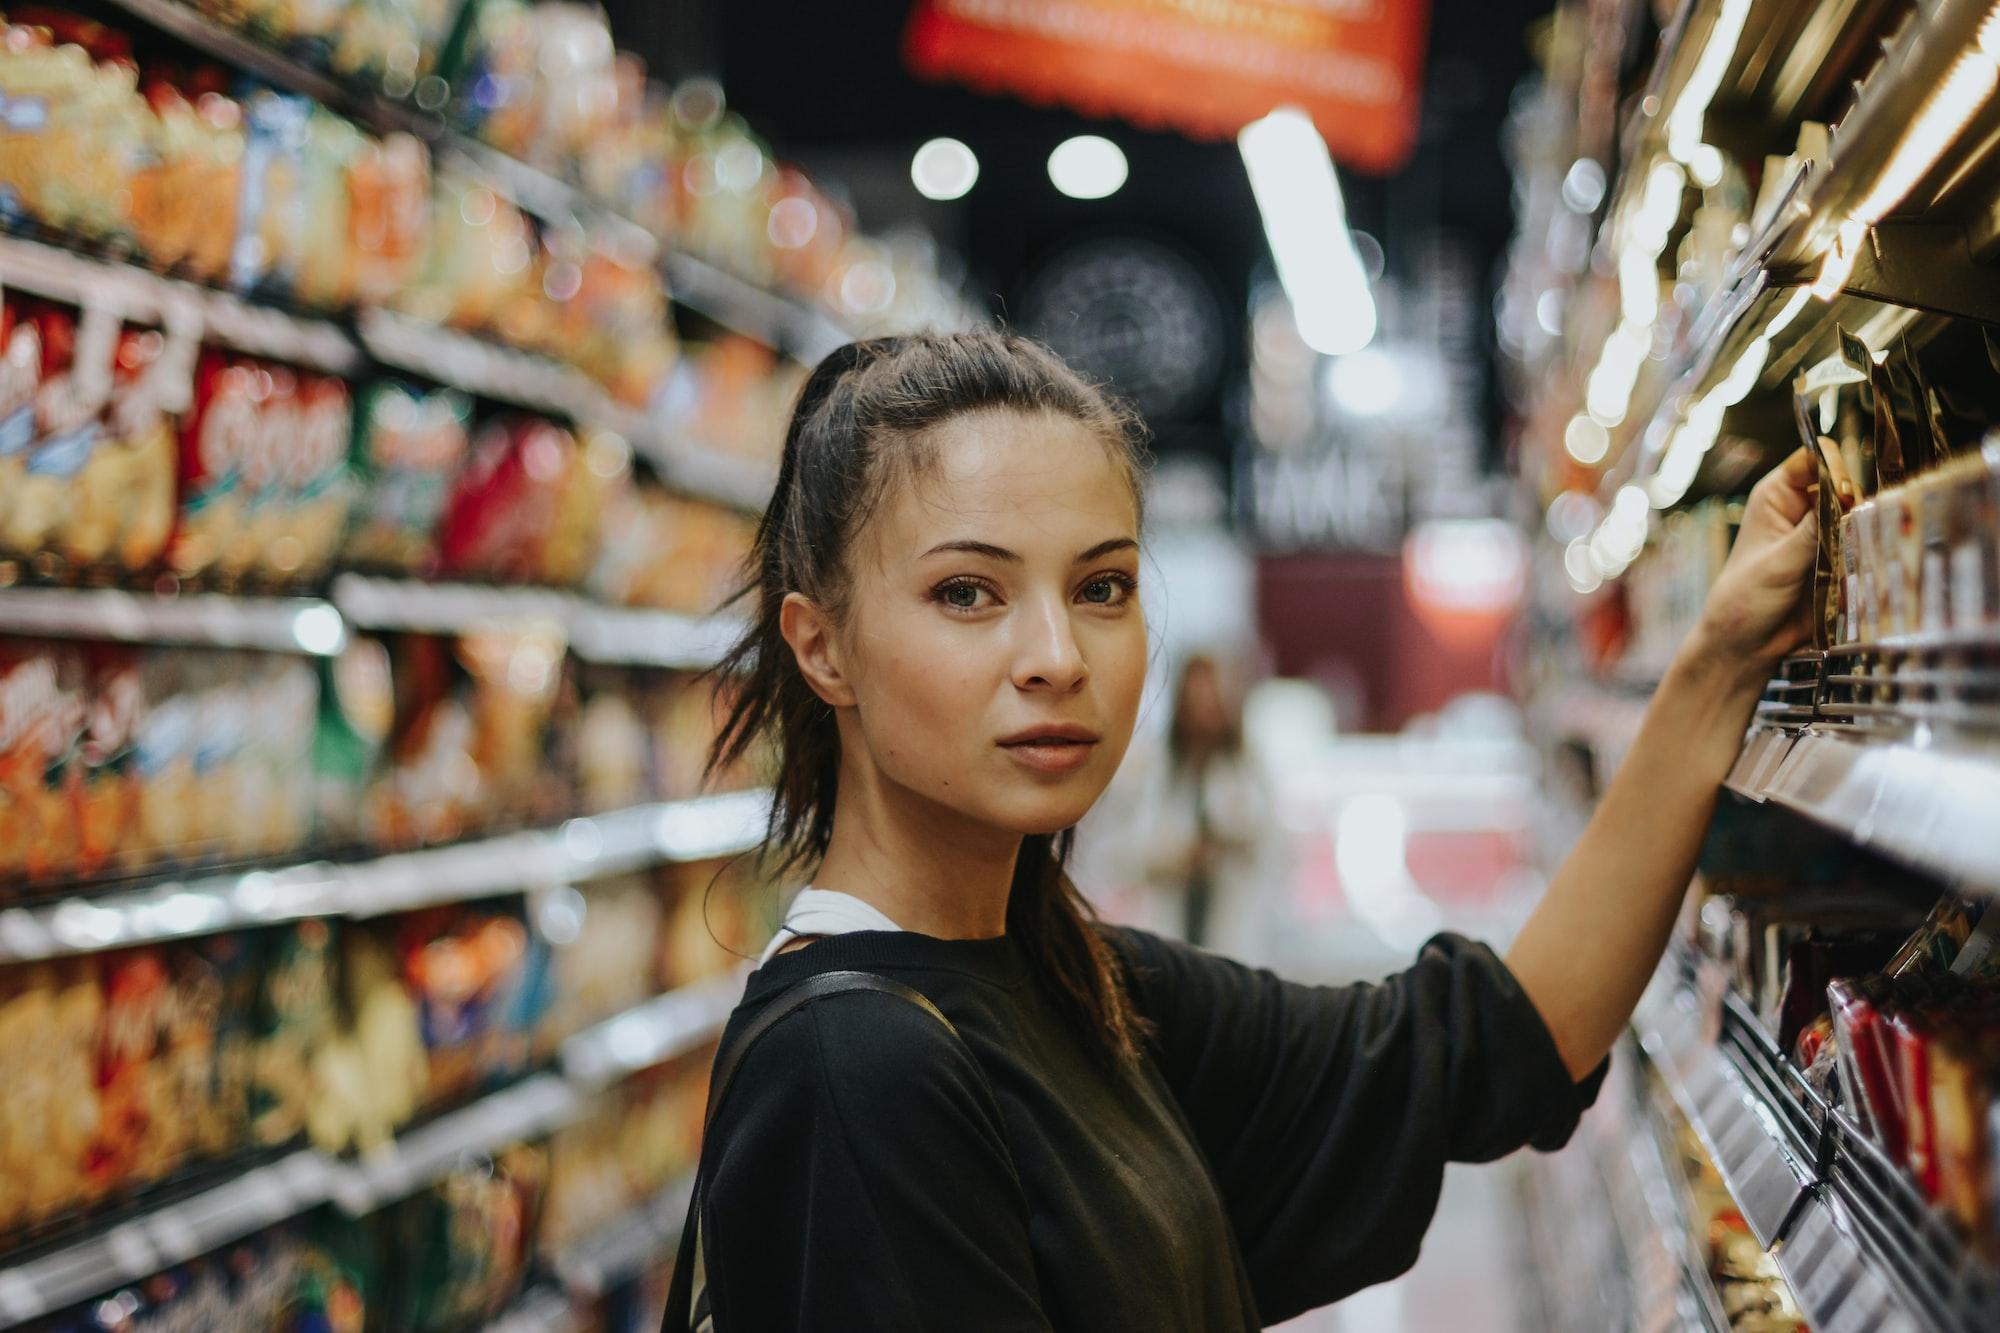 Kinh doanh online hiệu quả với các mặt hàng tiêu dùng